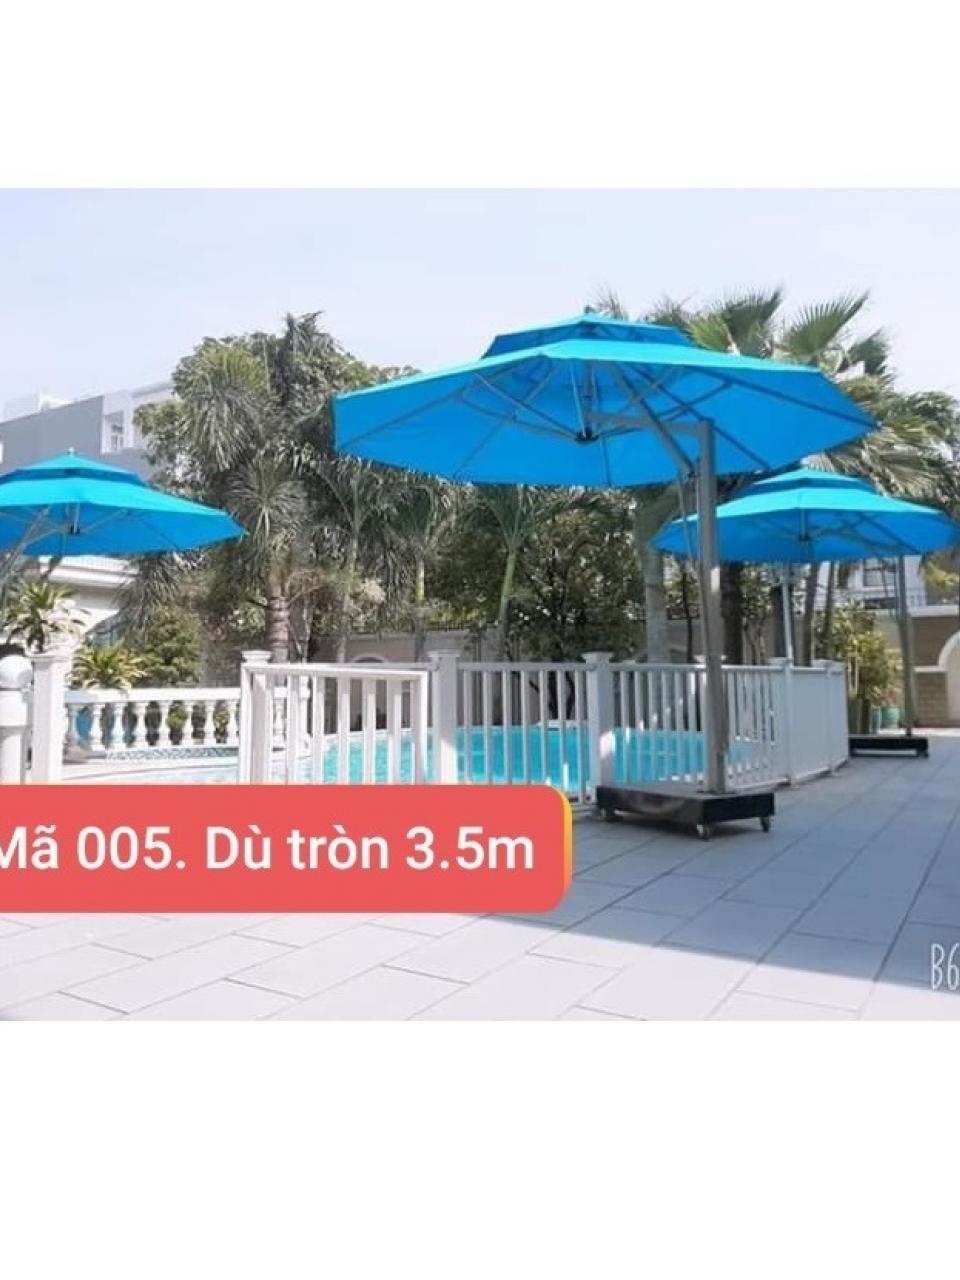 DÙ TRÒN 3,5M - 005